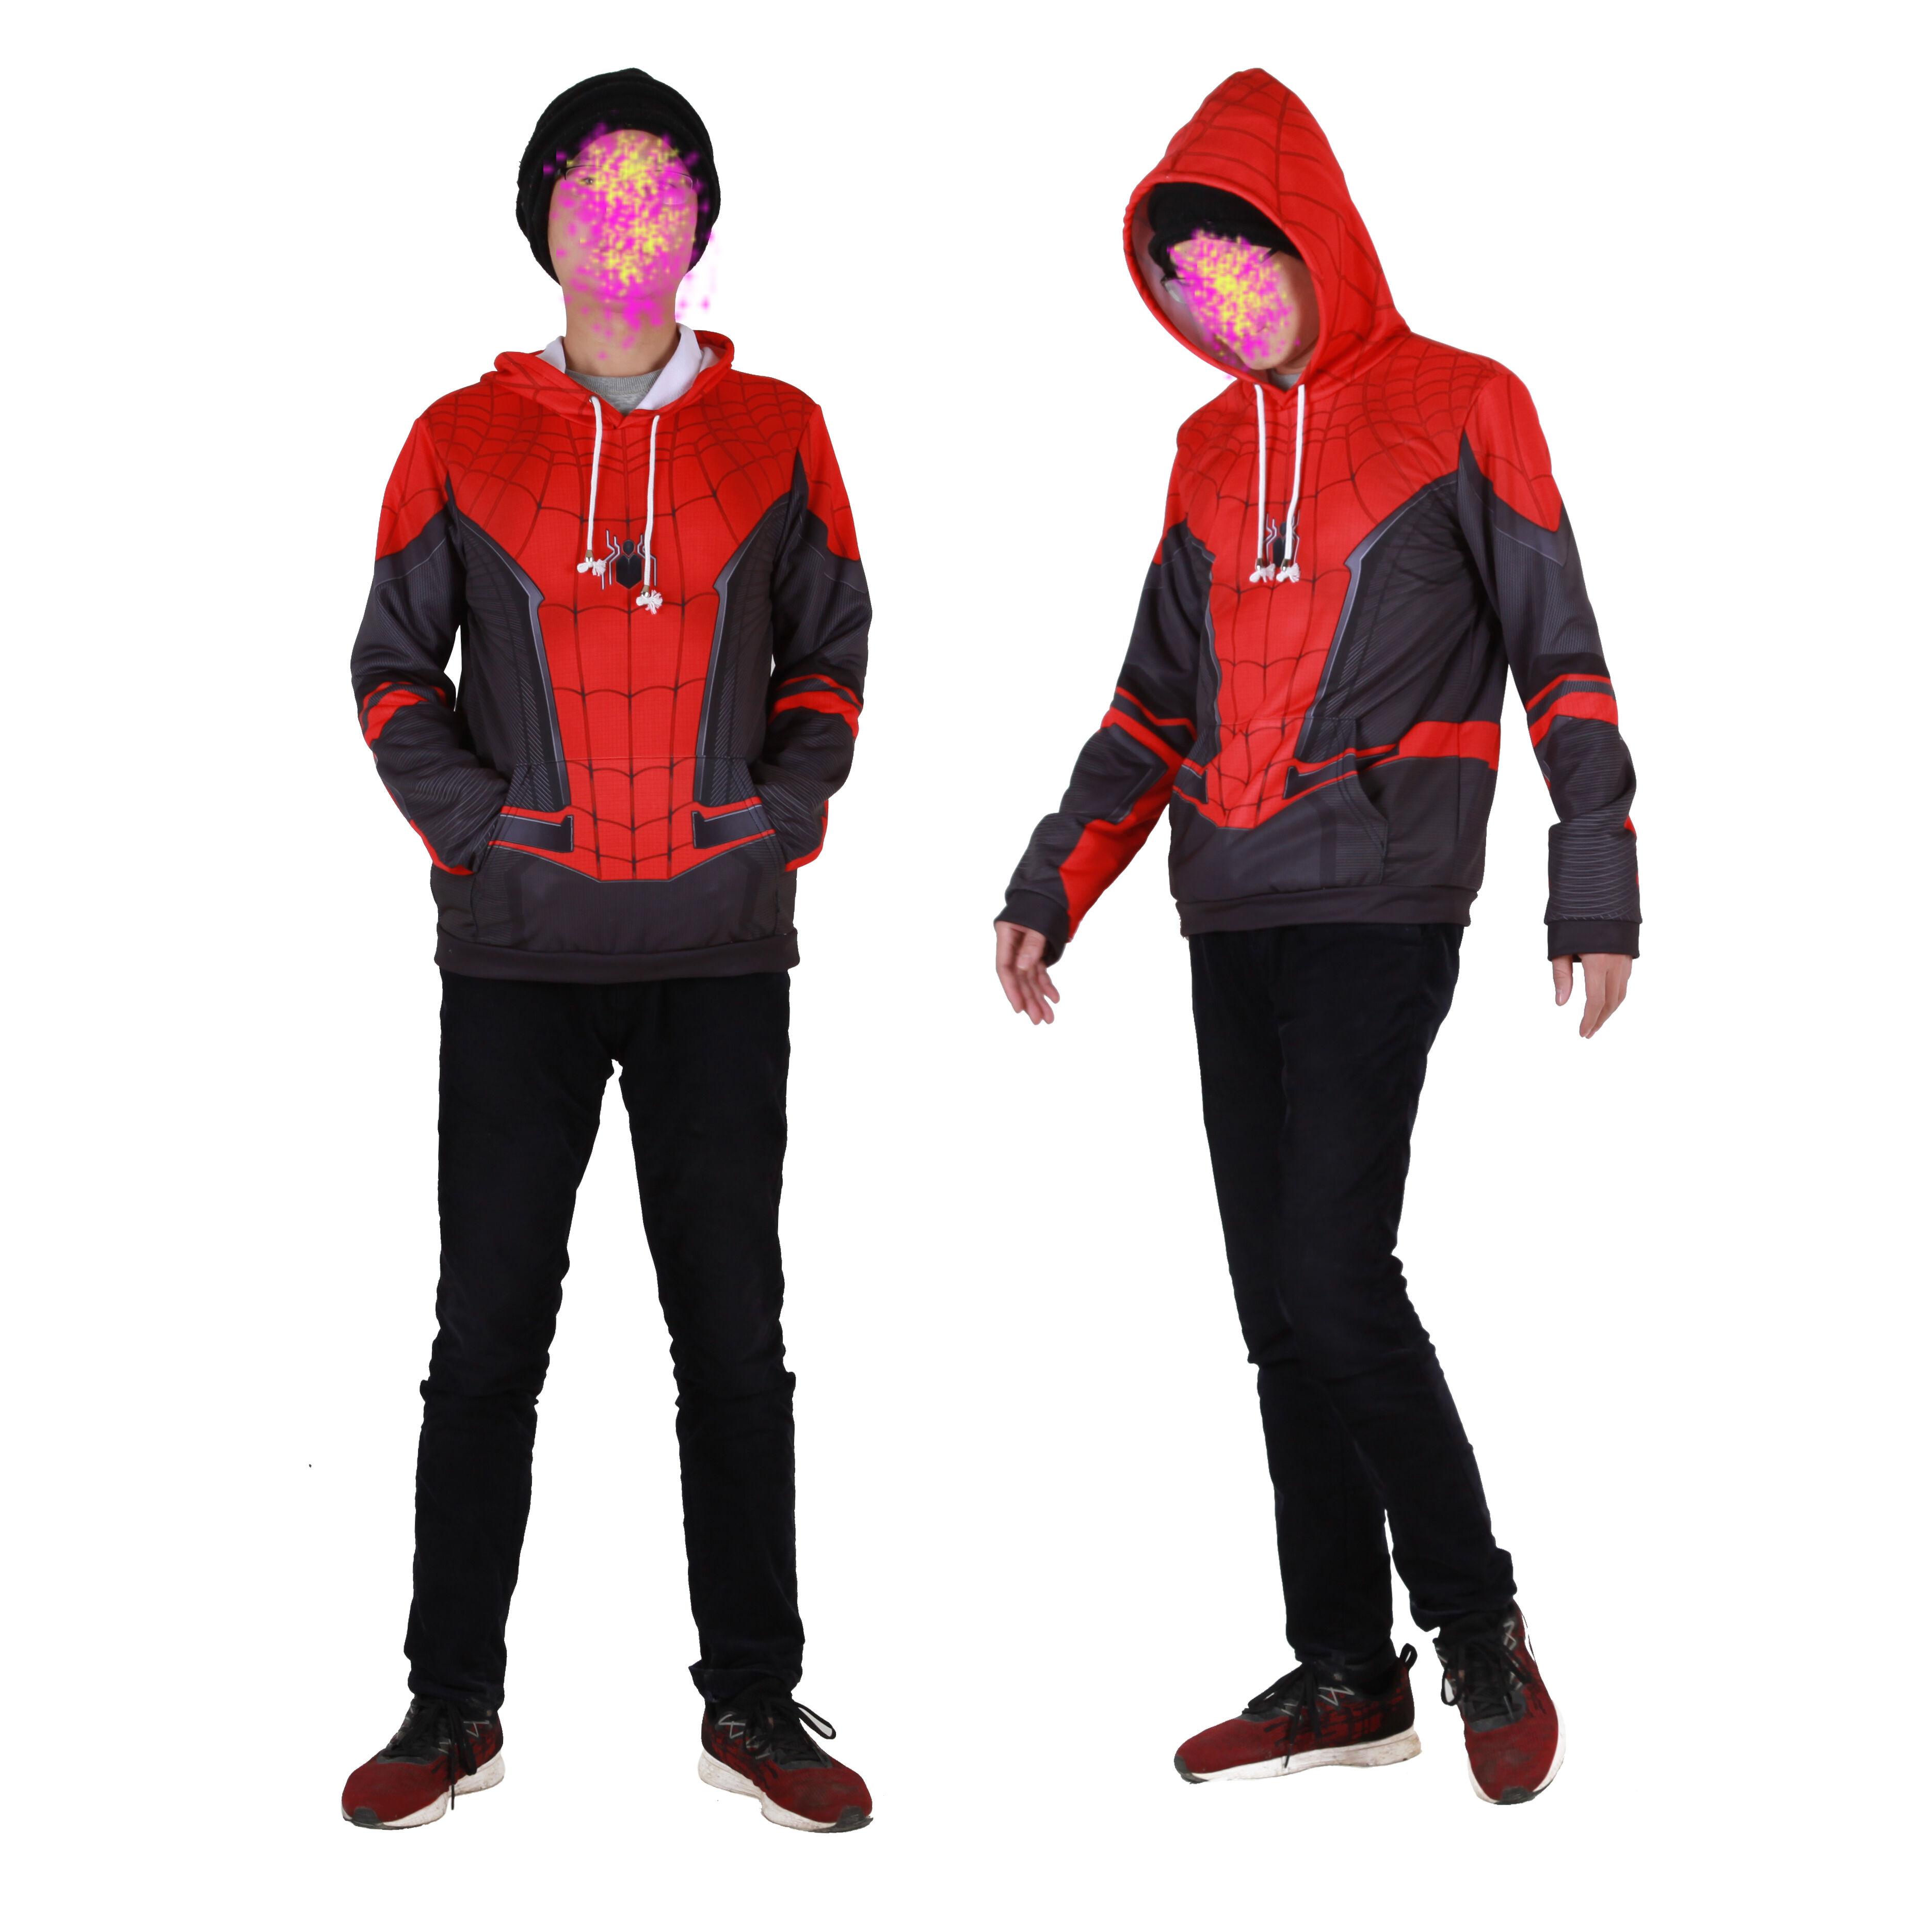 Súper héroe 2019 spiderman lejos de casa 3d estilo coslay traje de 1 pieza